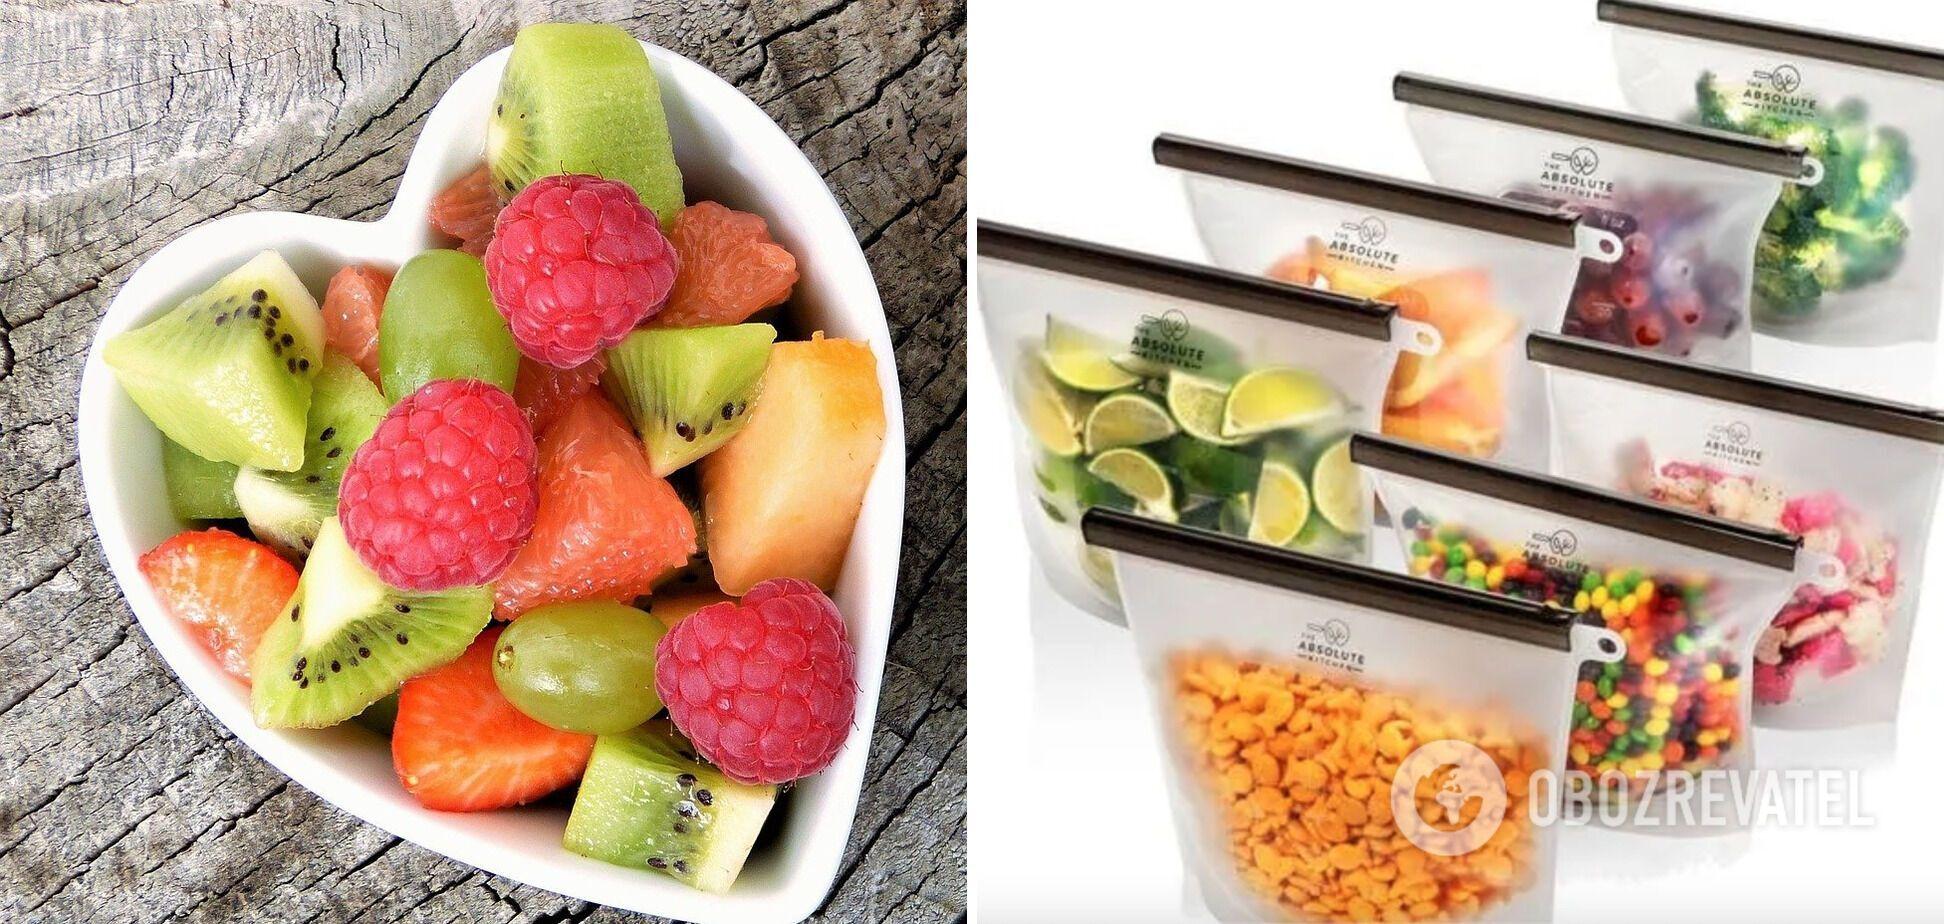 Многоразовые пакеты для овощей и фруктов